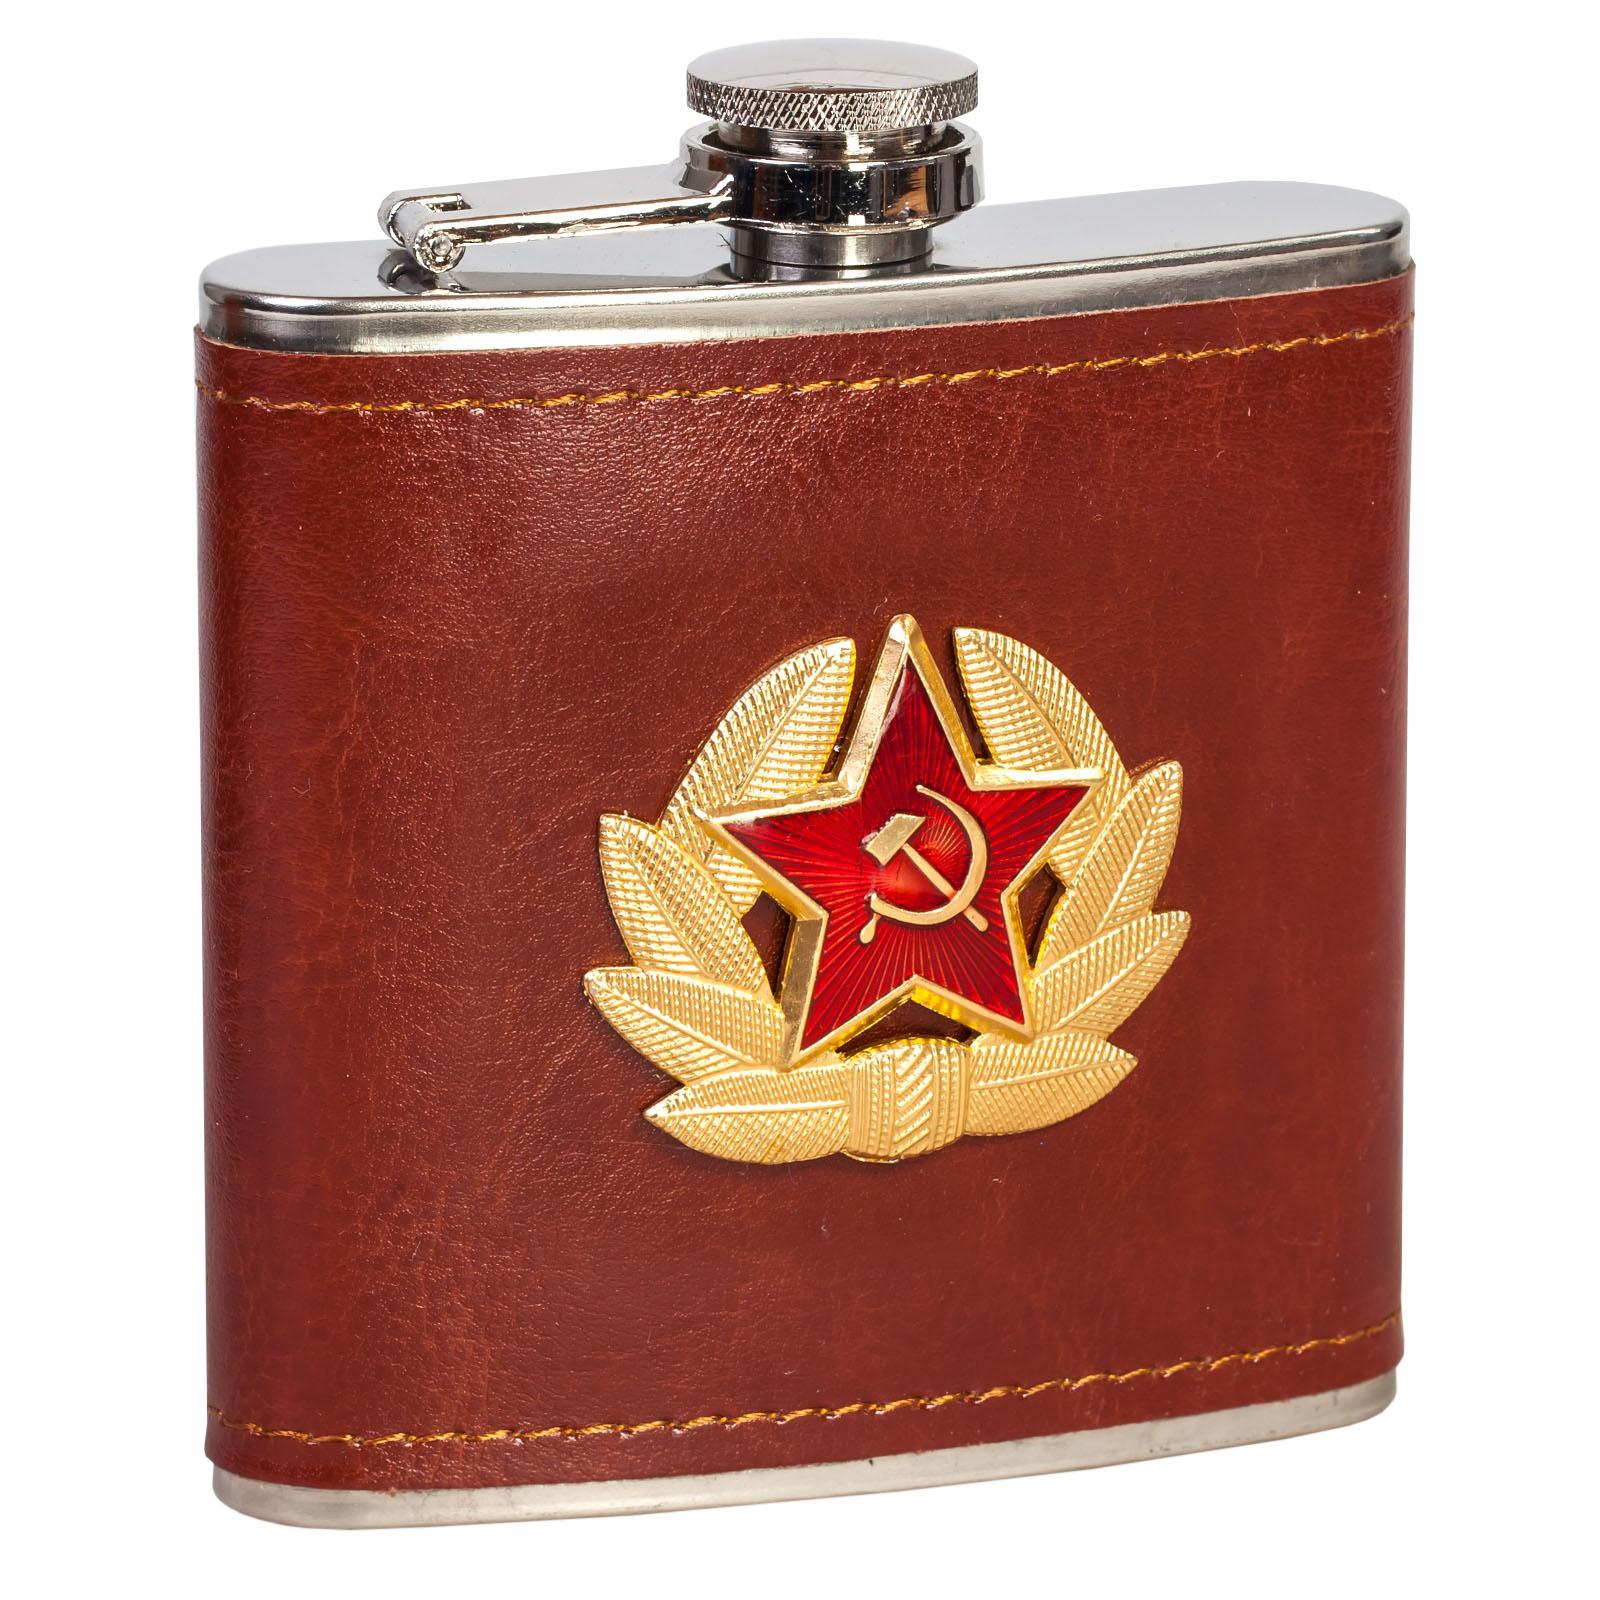 Недорогая сувенирная фляжка «Советская Армия» в кожаном чехле